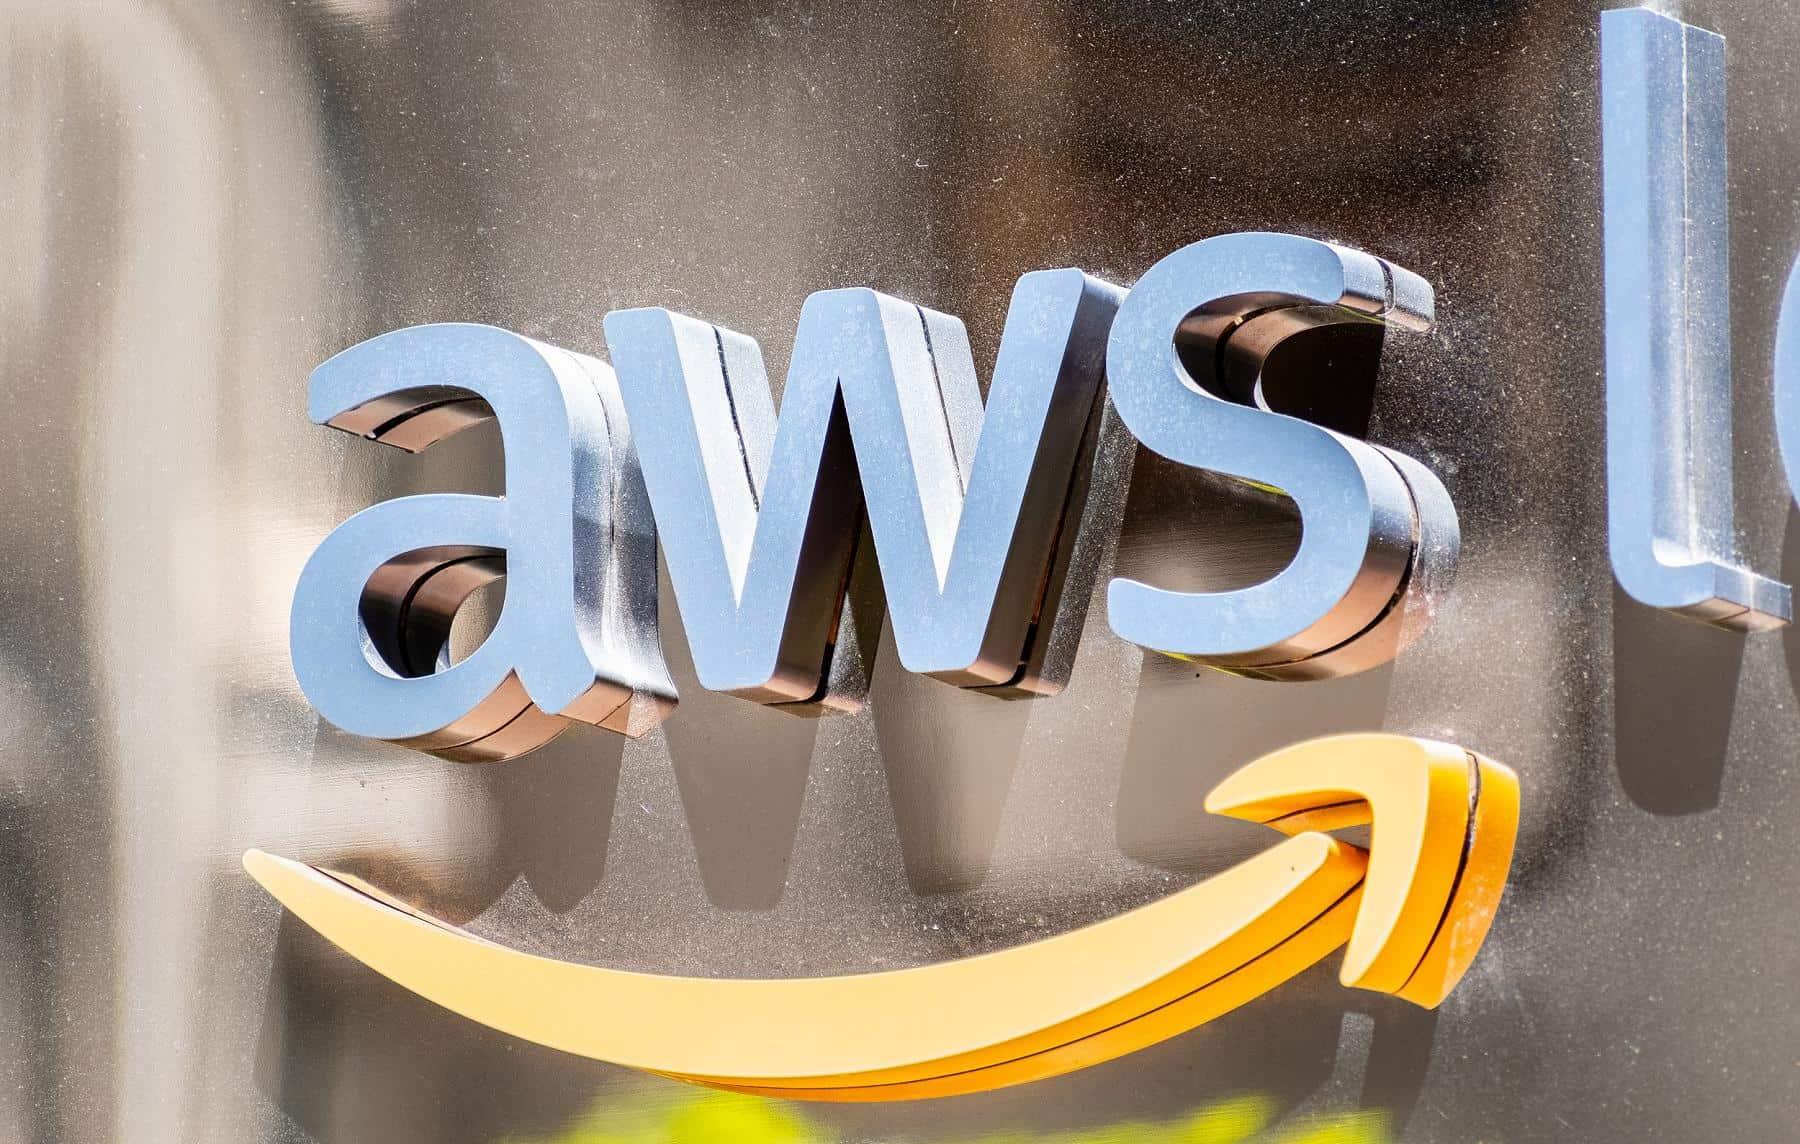 AWS passa por instabilidade e derruba junto uma parte da internet - Olhar Digital